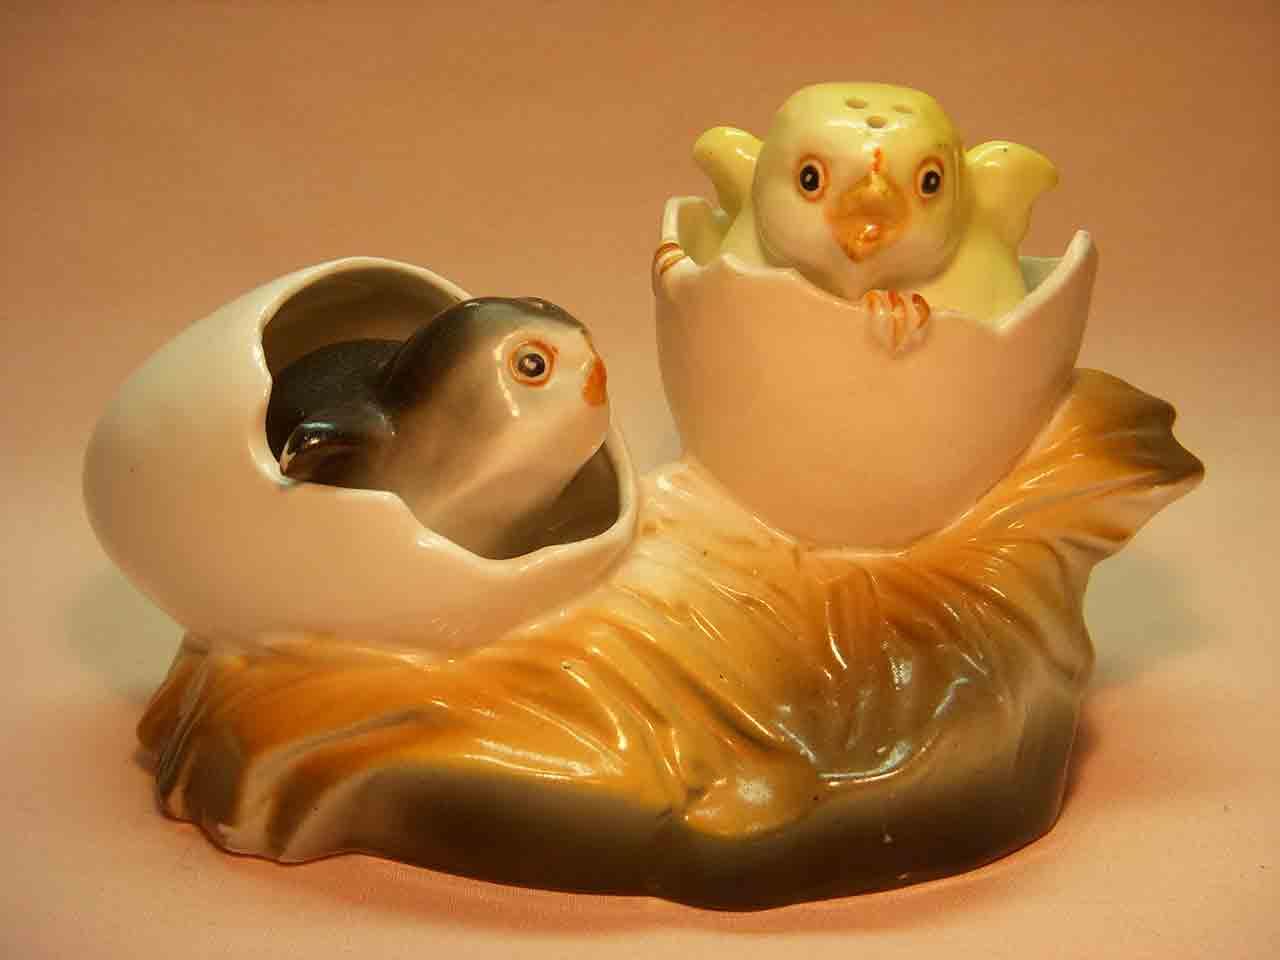 Chicks in eggs nodder salt and pepper shaker